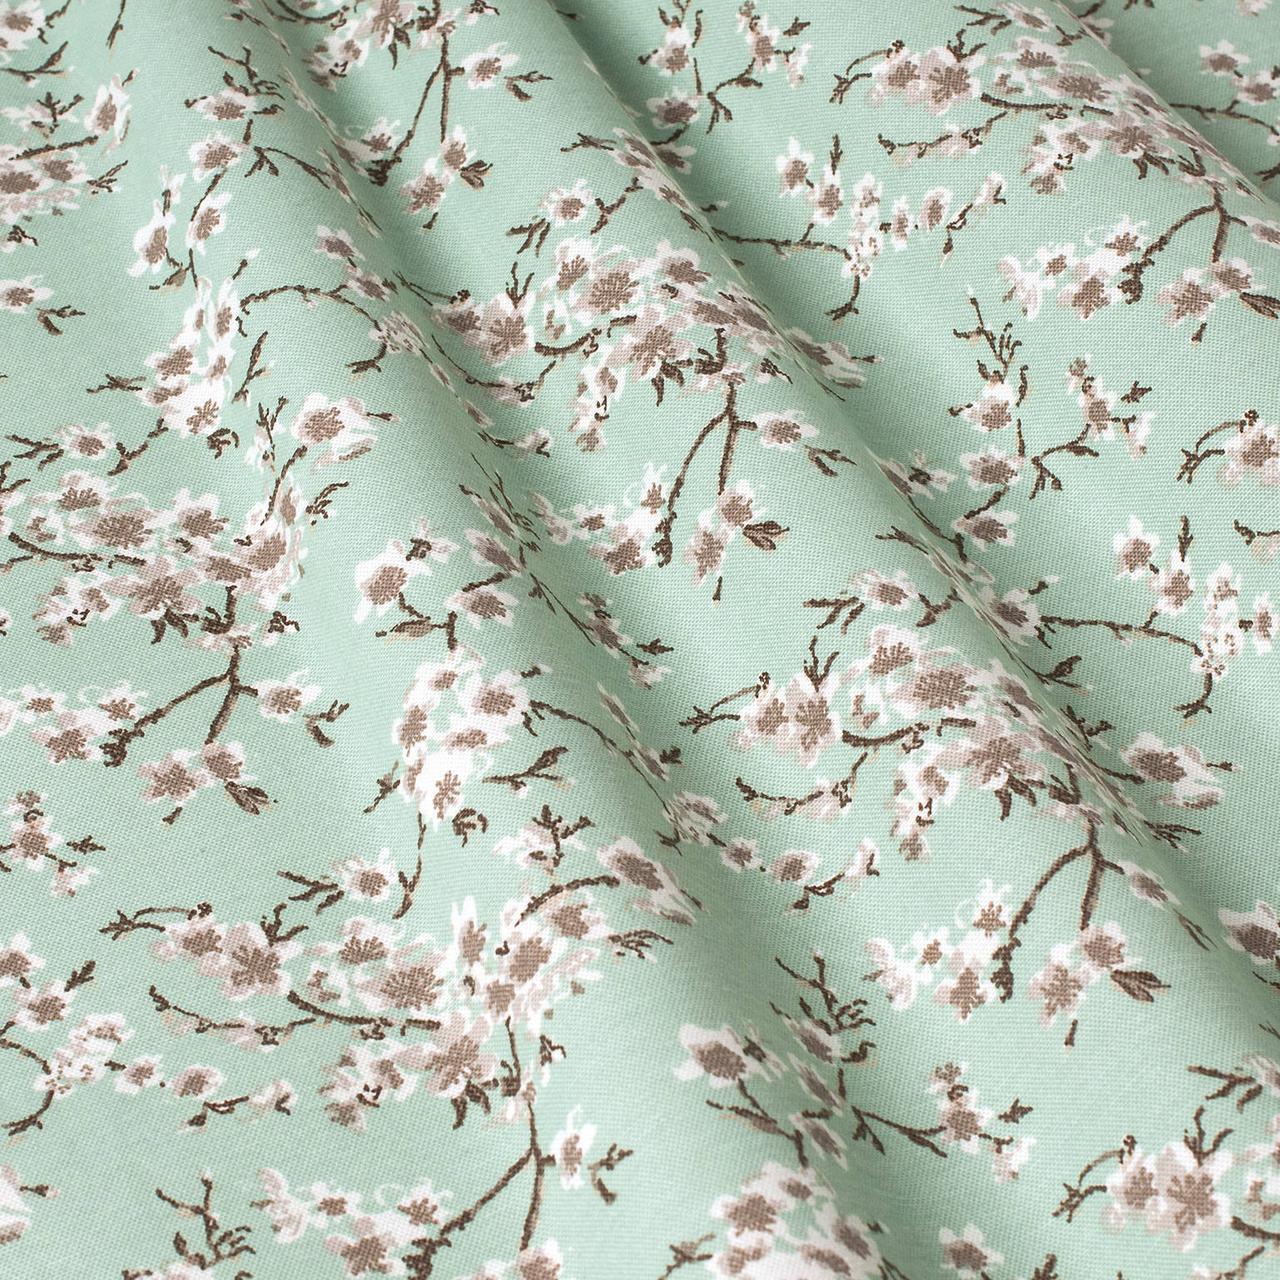 Декоративна тканина квіти сакура ментол Туреччина 88001v12